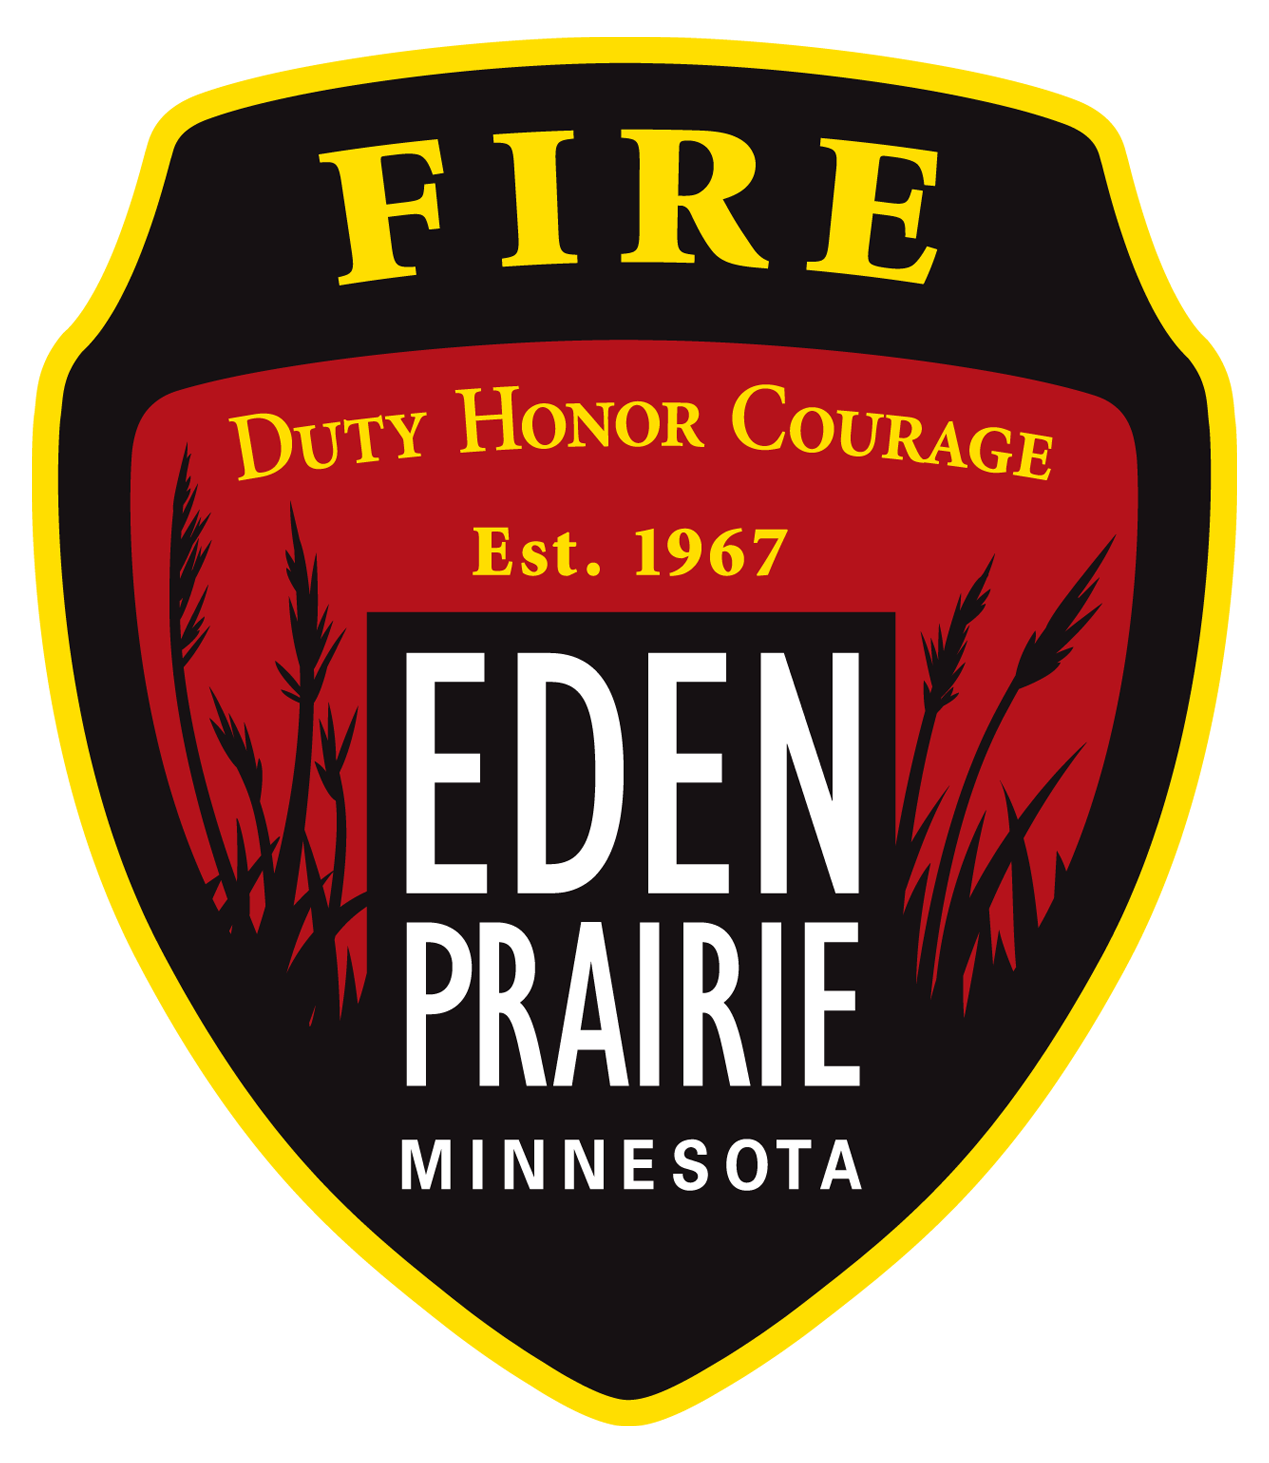 ep_fire_logo